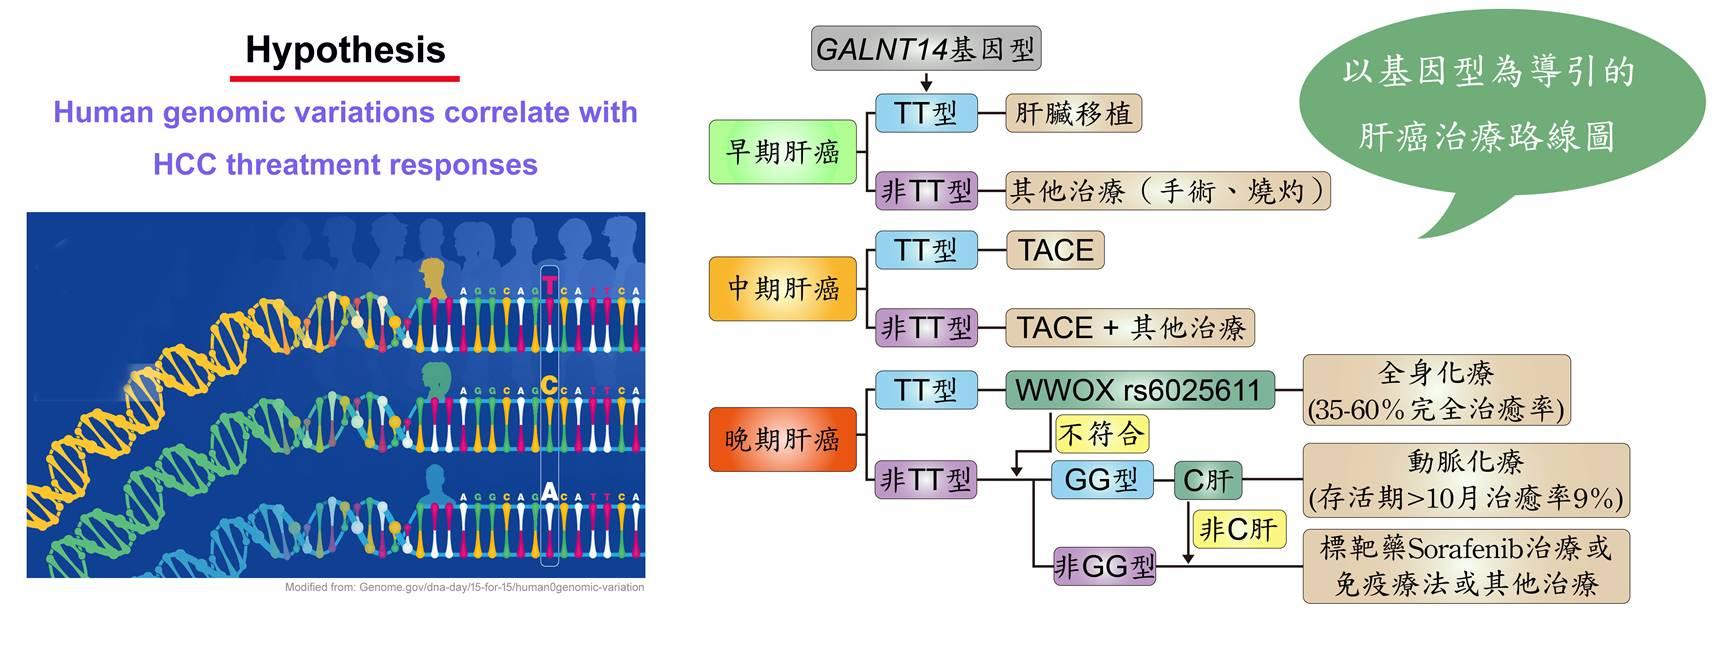 建立基因標記引導肝癌治療的路線圖